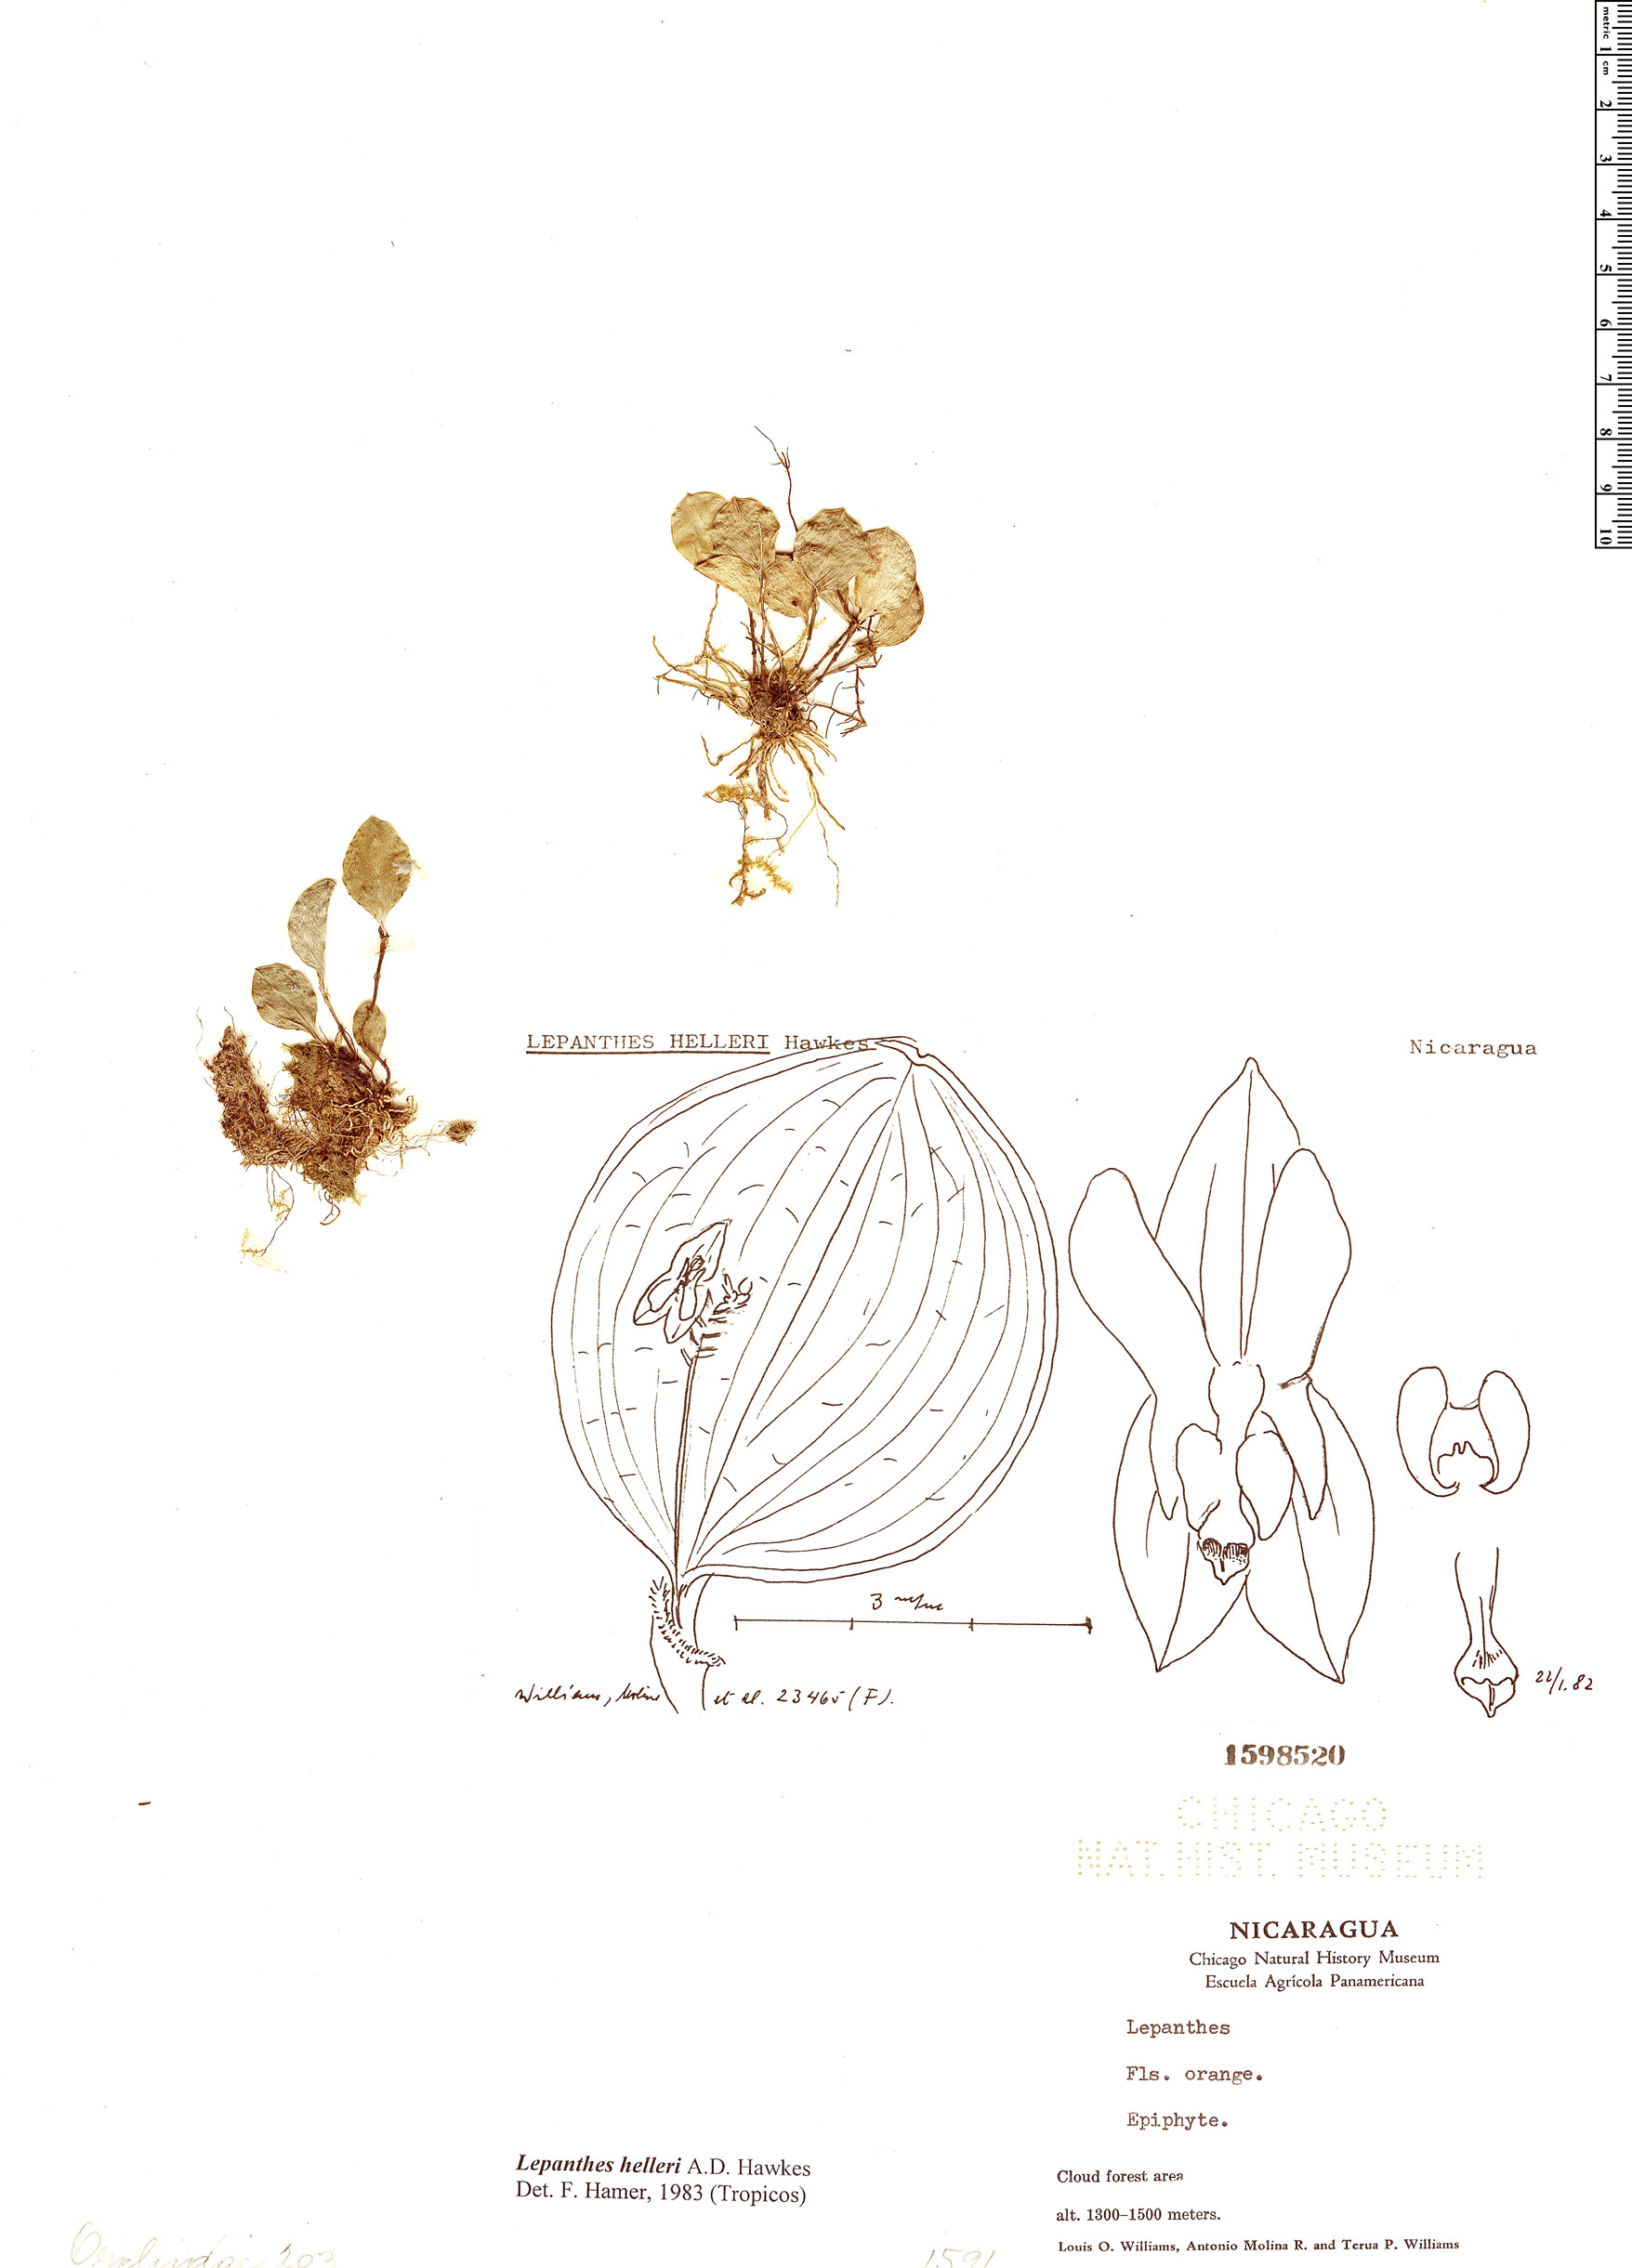 Specimen: Lepanthes helleri